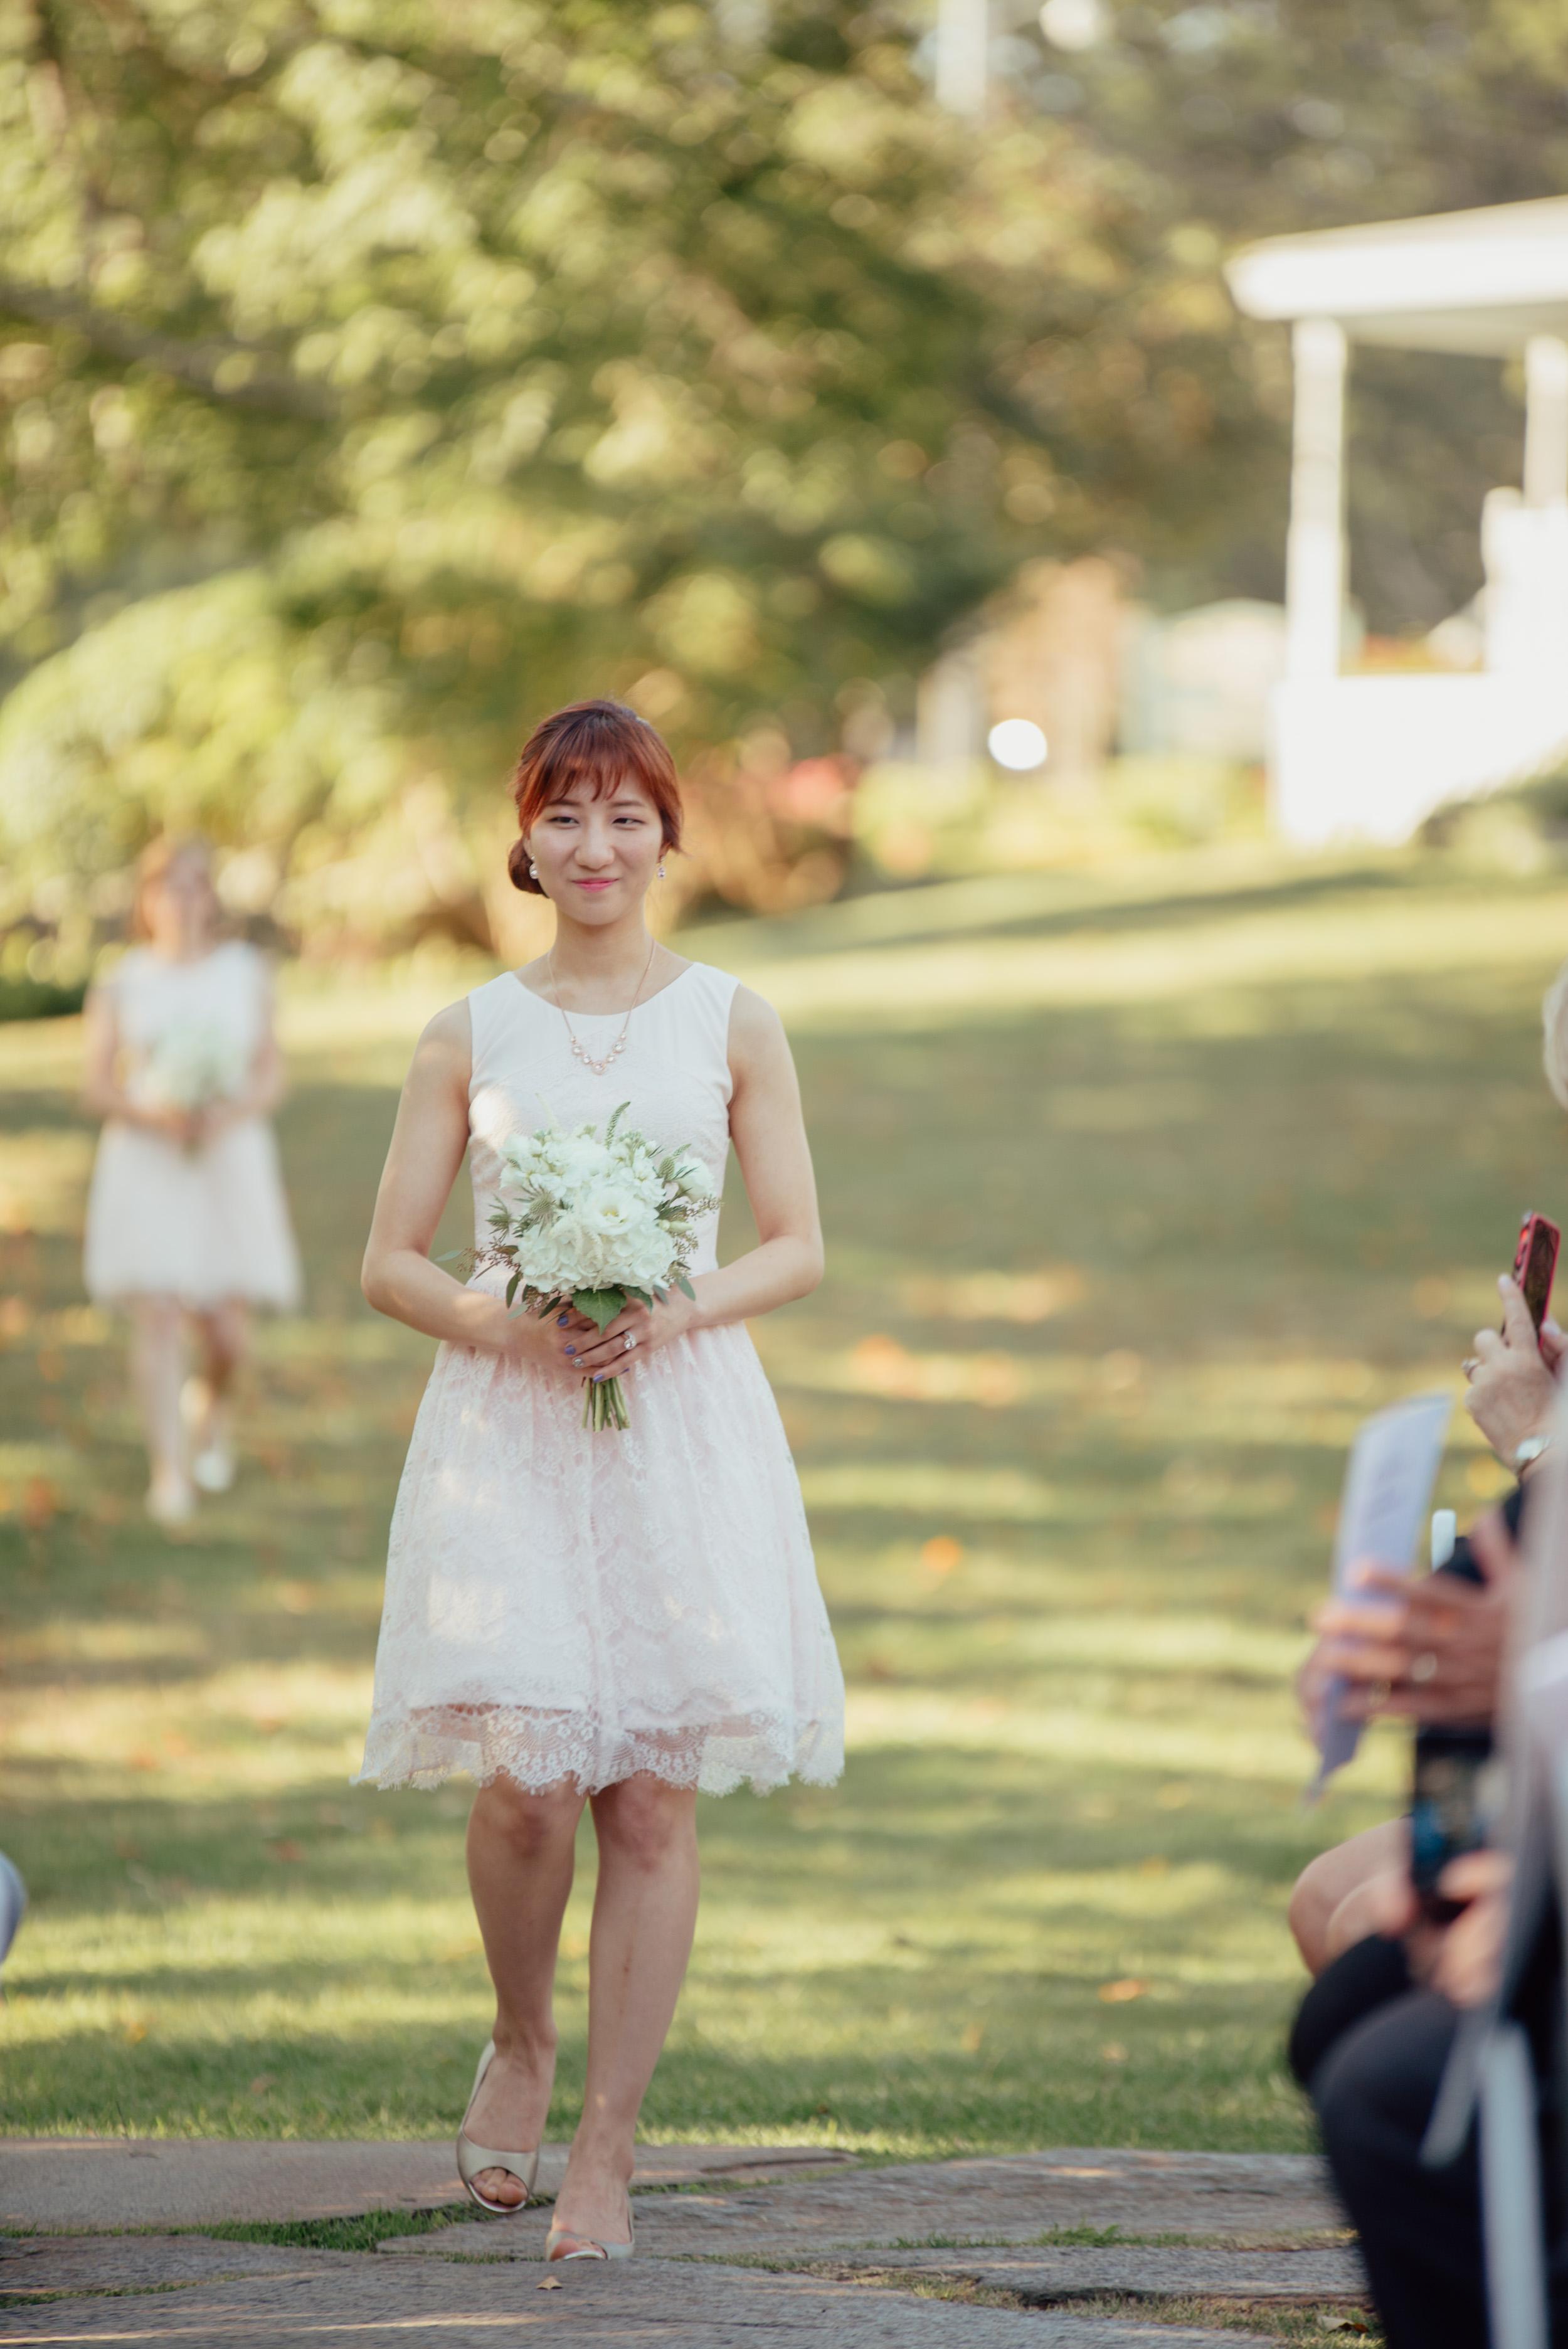 cleland-studios-weddings-24.jpg